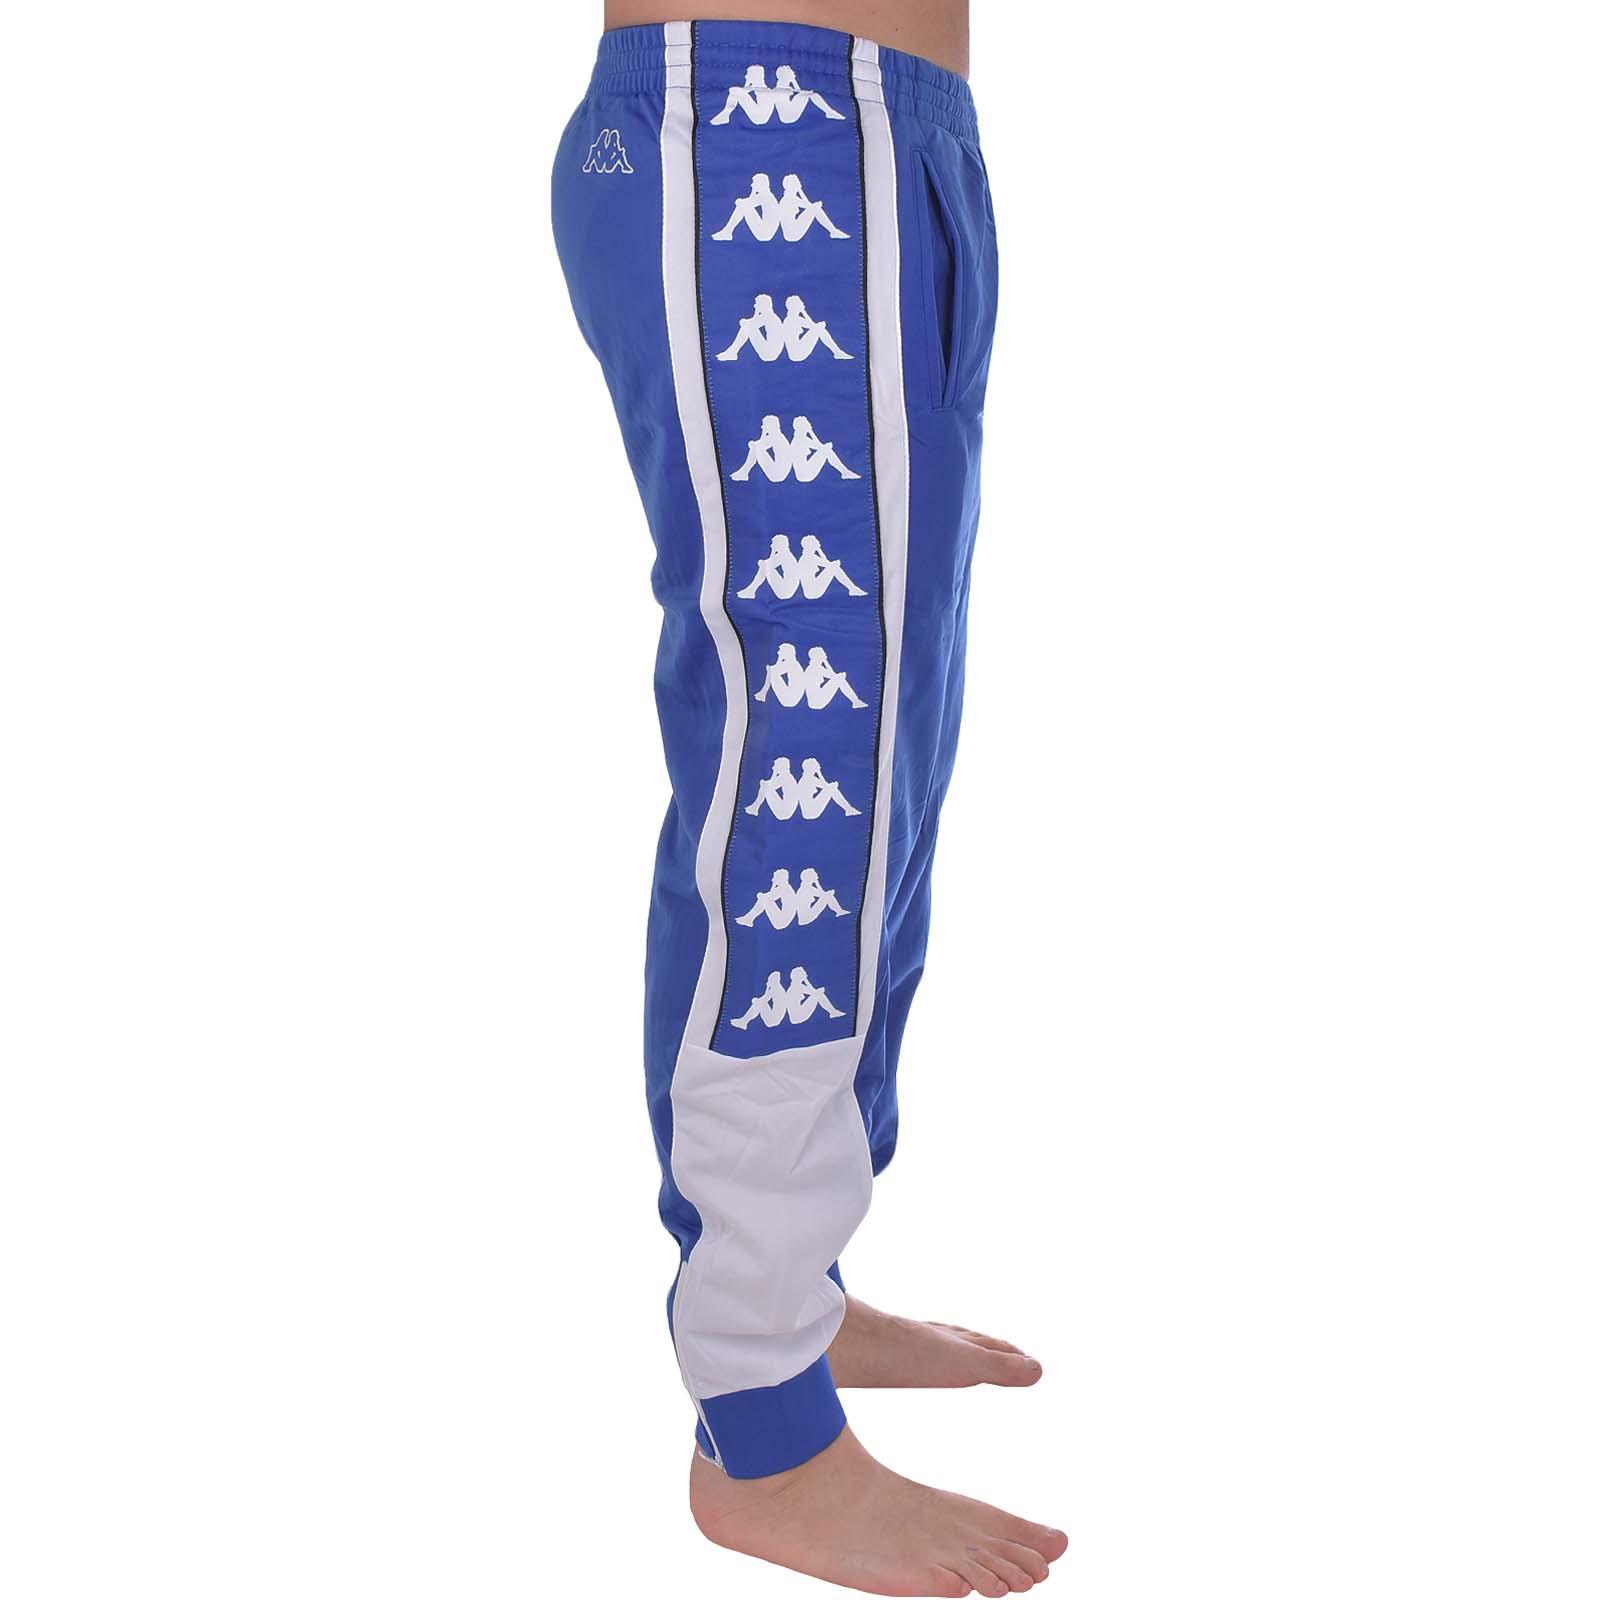 Detalles de Kappa Para hombre Deportes Retro Con Puño Elástico Chándal Bottoms Chándal Pantalones de pista ver título original